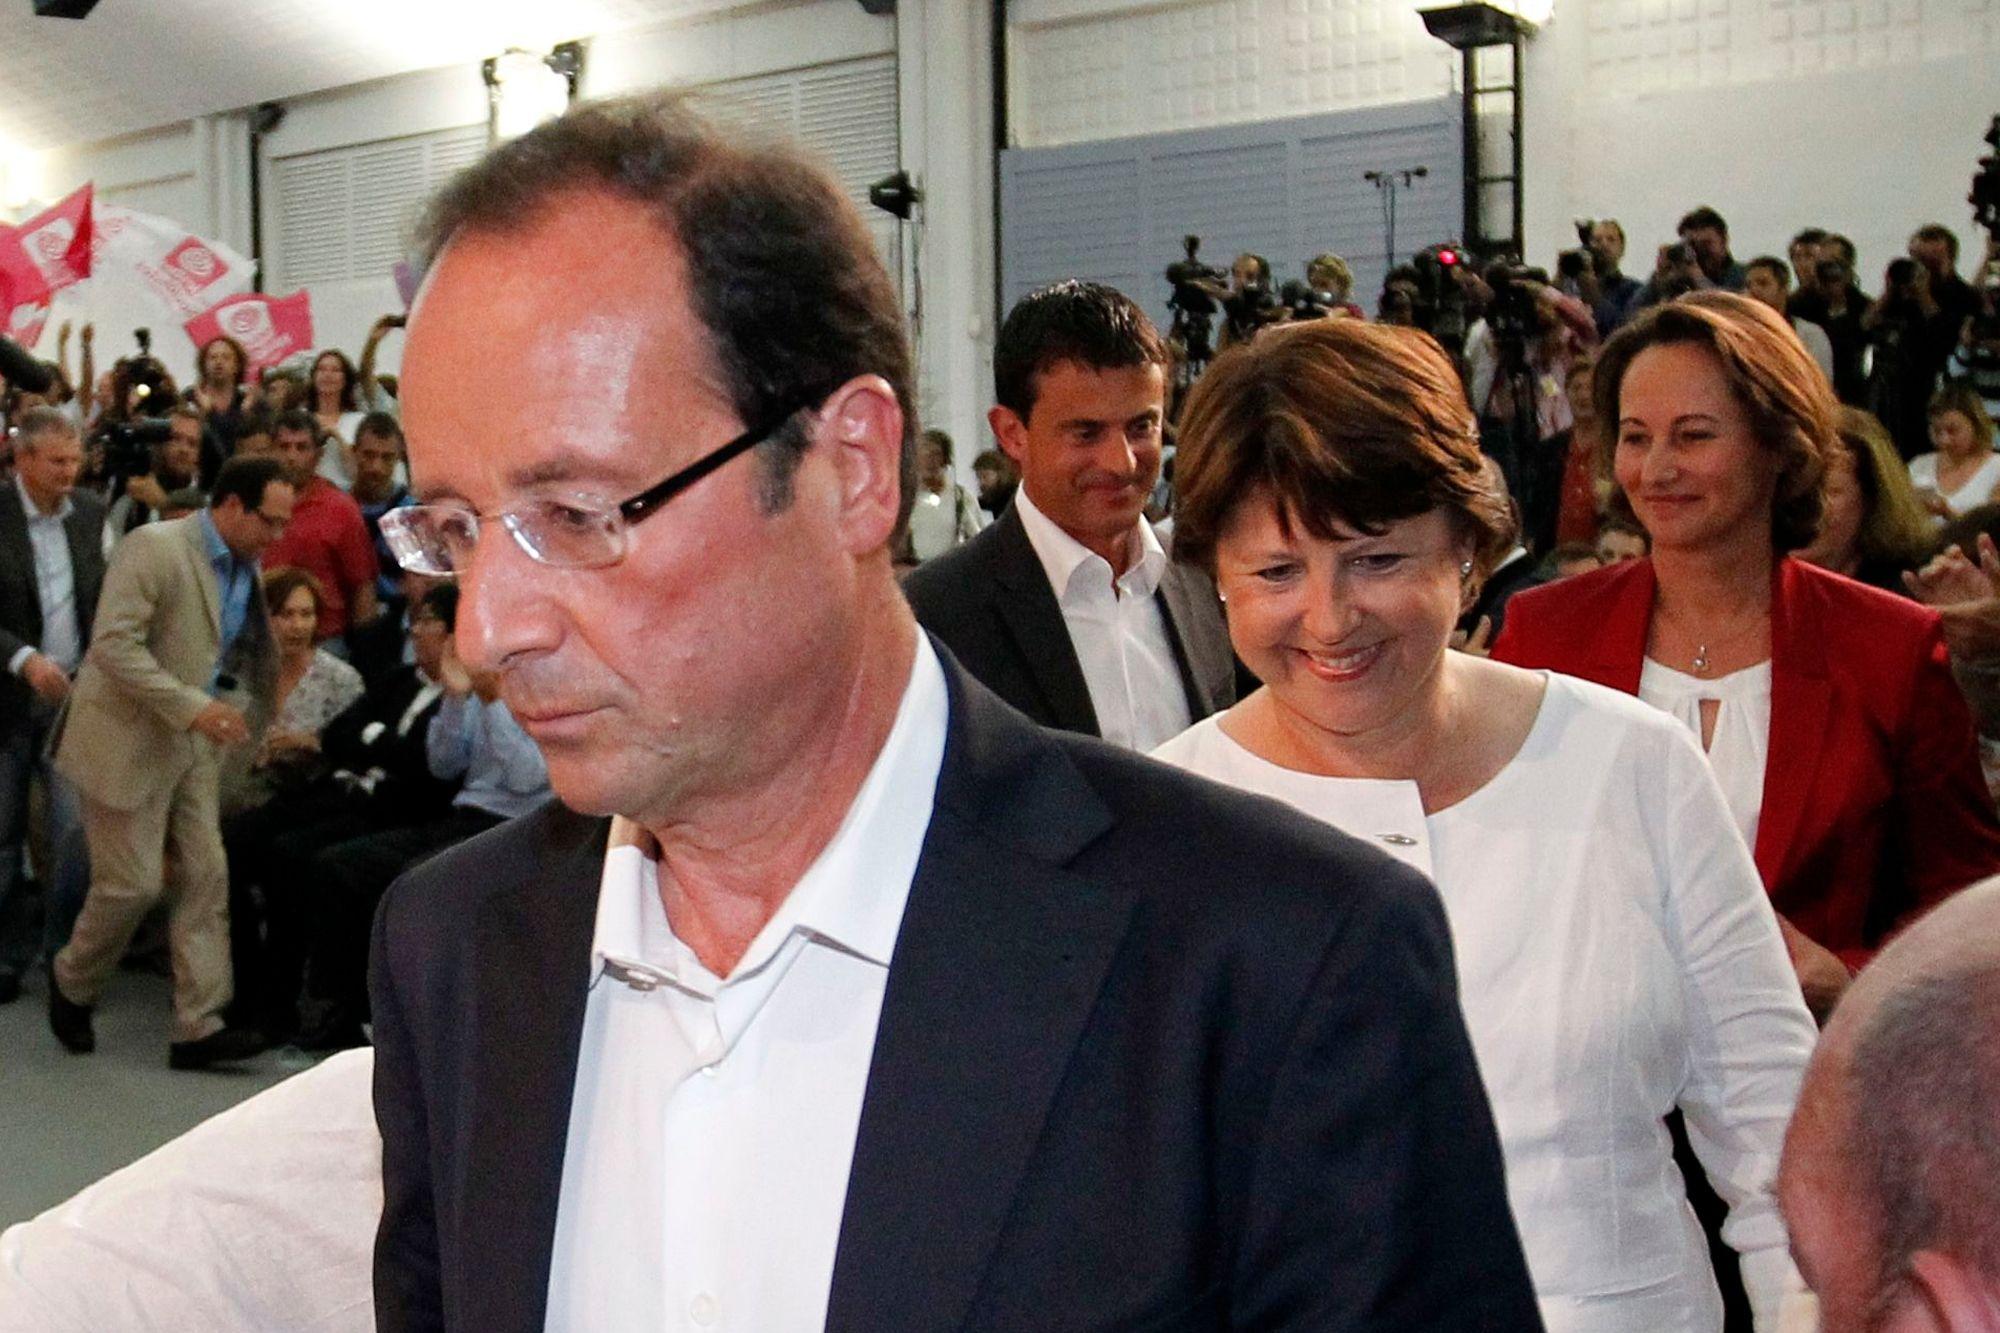 François Hollande est crédité de 31% d'opinons favorables selon le baromètre Ipsos-Le Point paru le lundi 11 février 2013